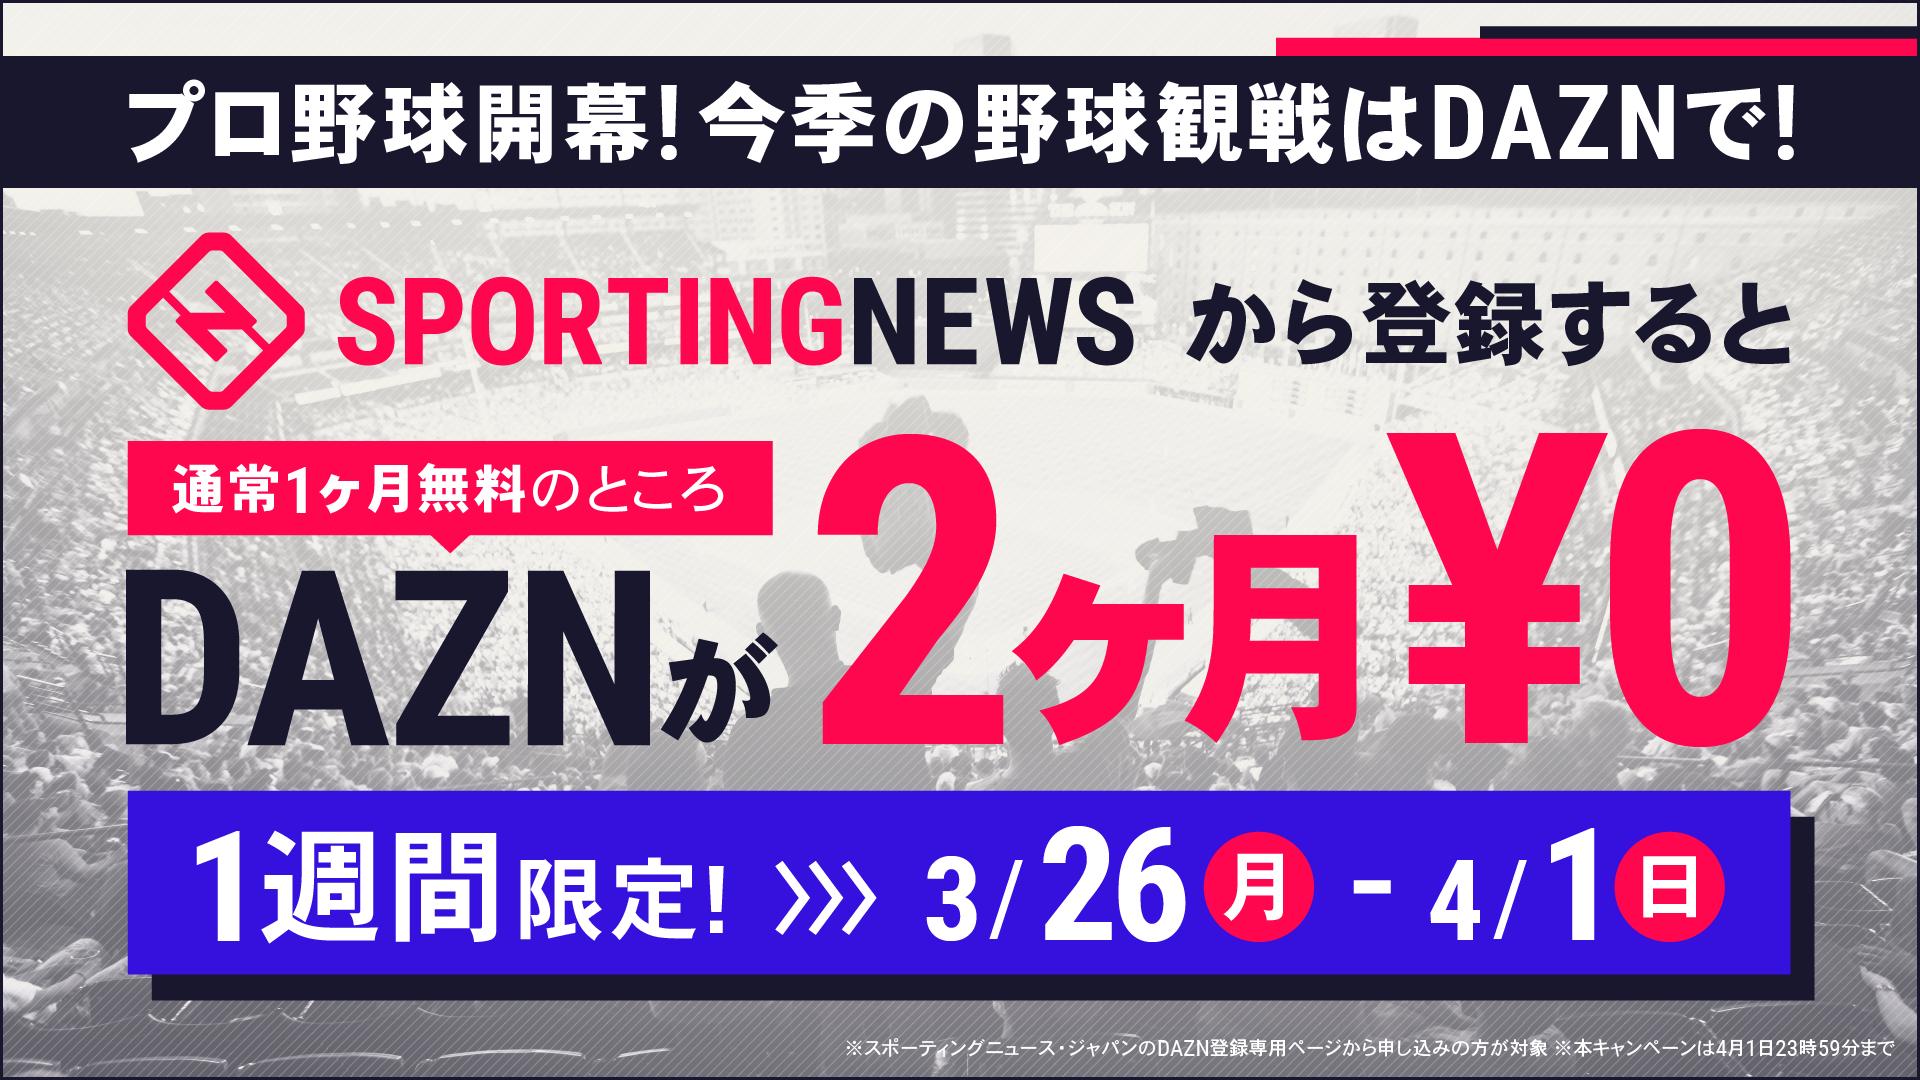 スポーティングニュースDAZN2ヶ月無料